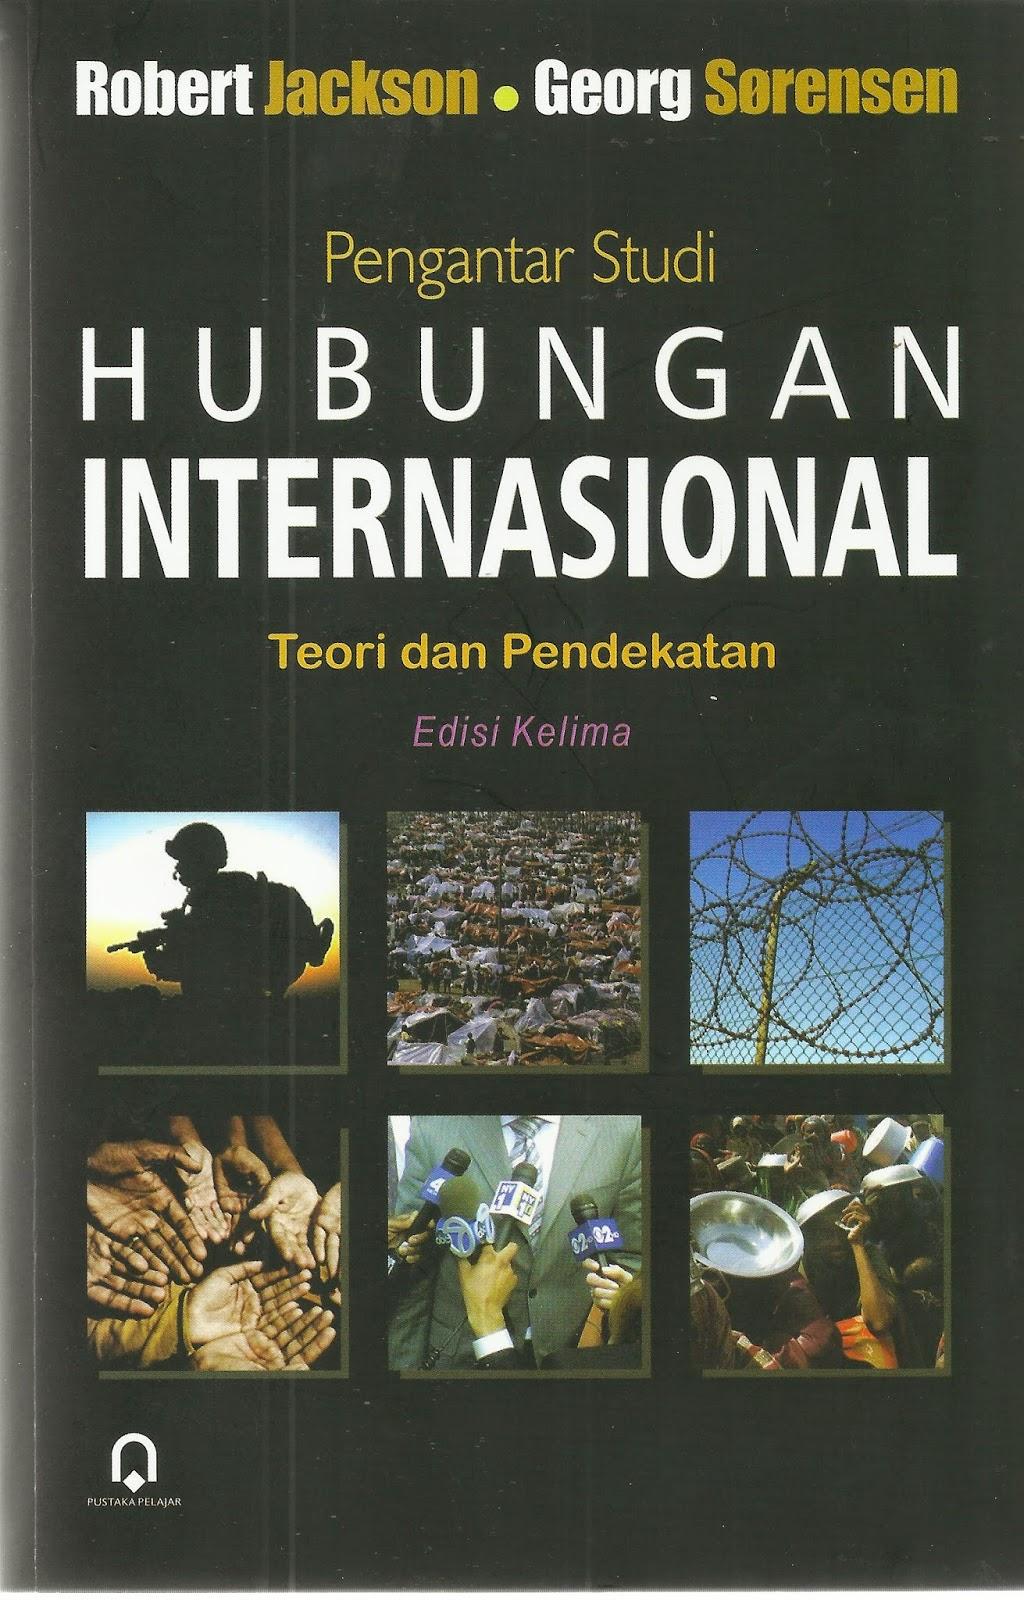 PENGANTAR STUDI HUBUNGAN INTERNASIONAL TEORI DAN